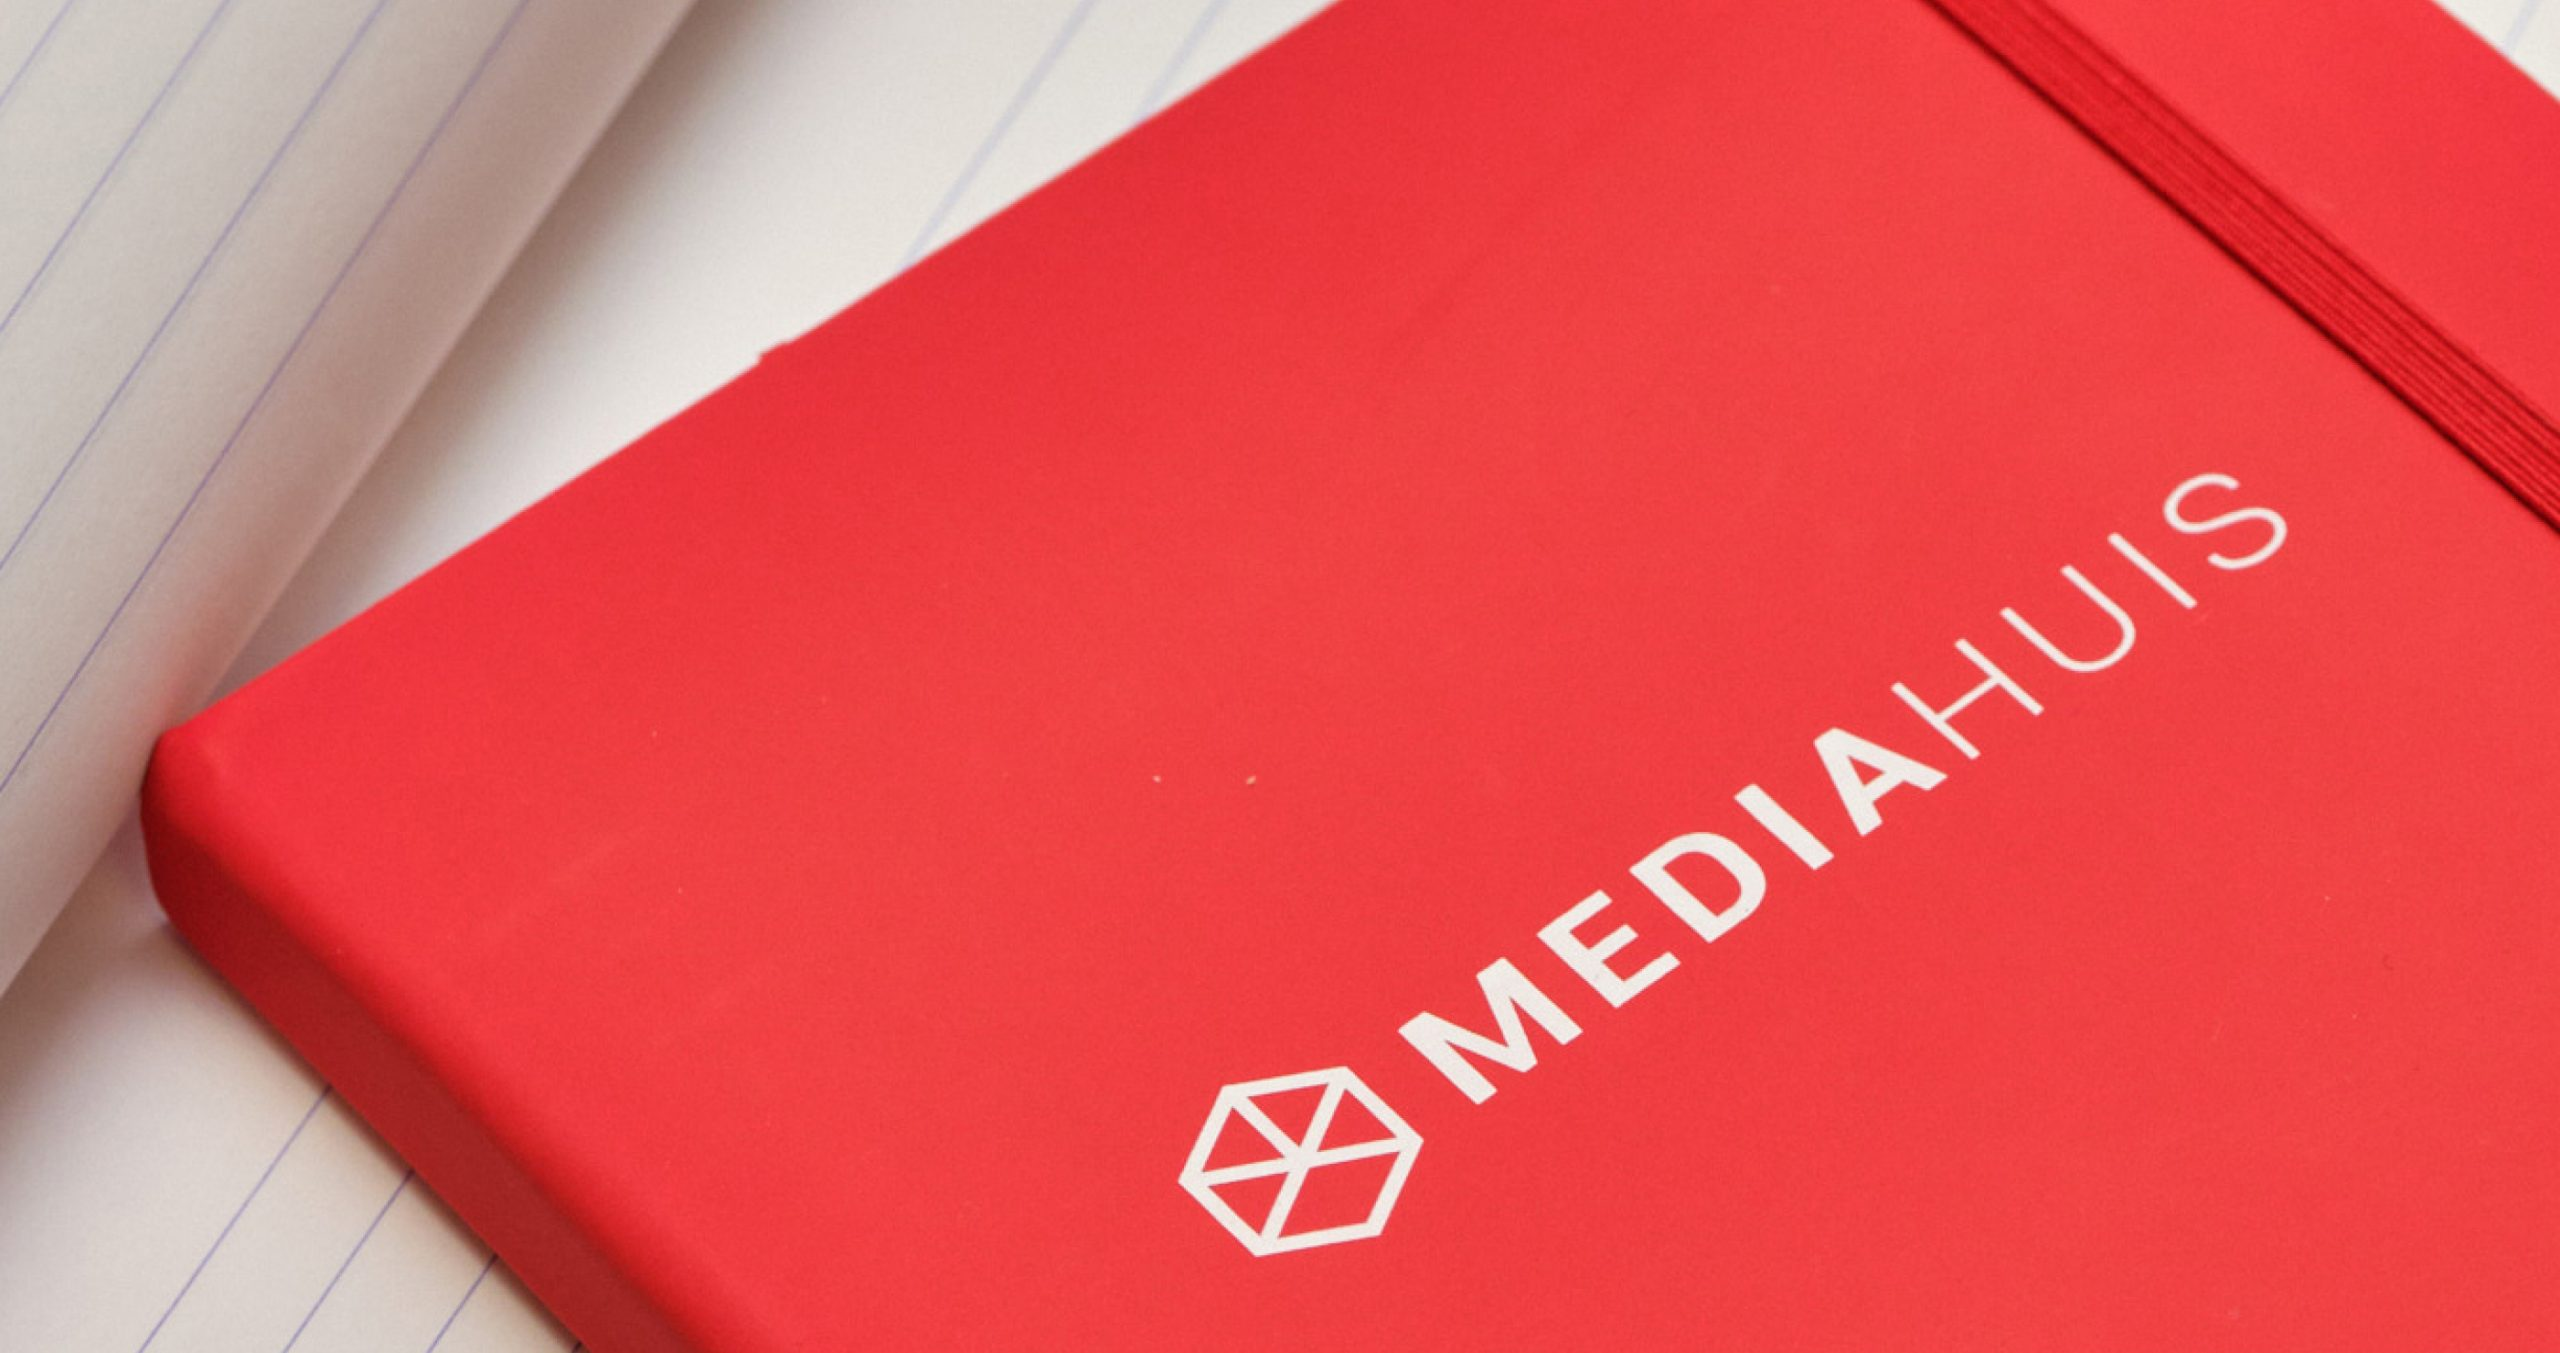 Continu bouwen aan een innovatiever medialandschap met Mediahuis